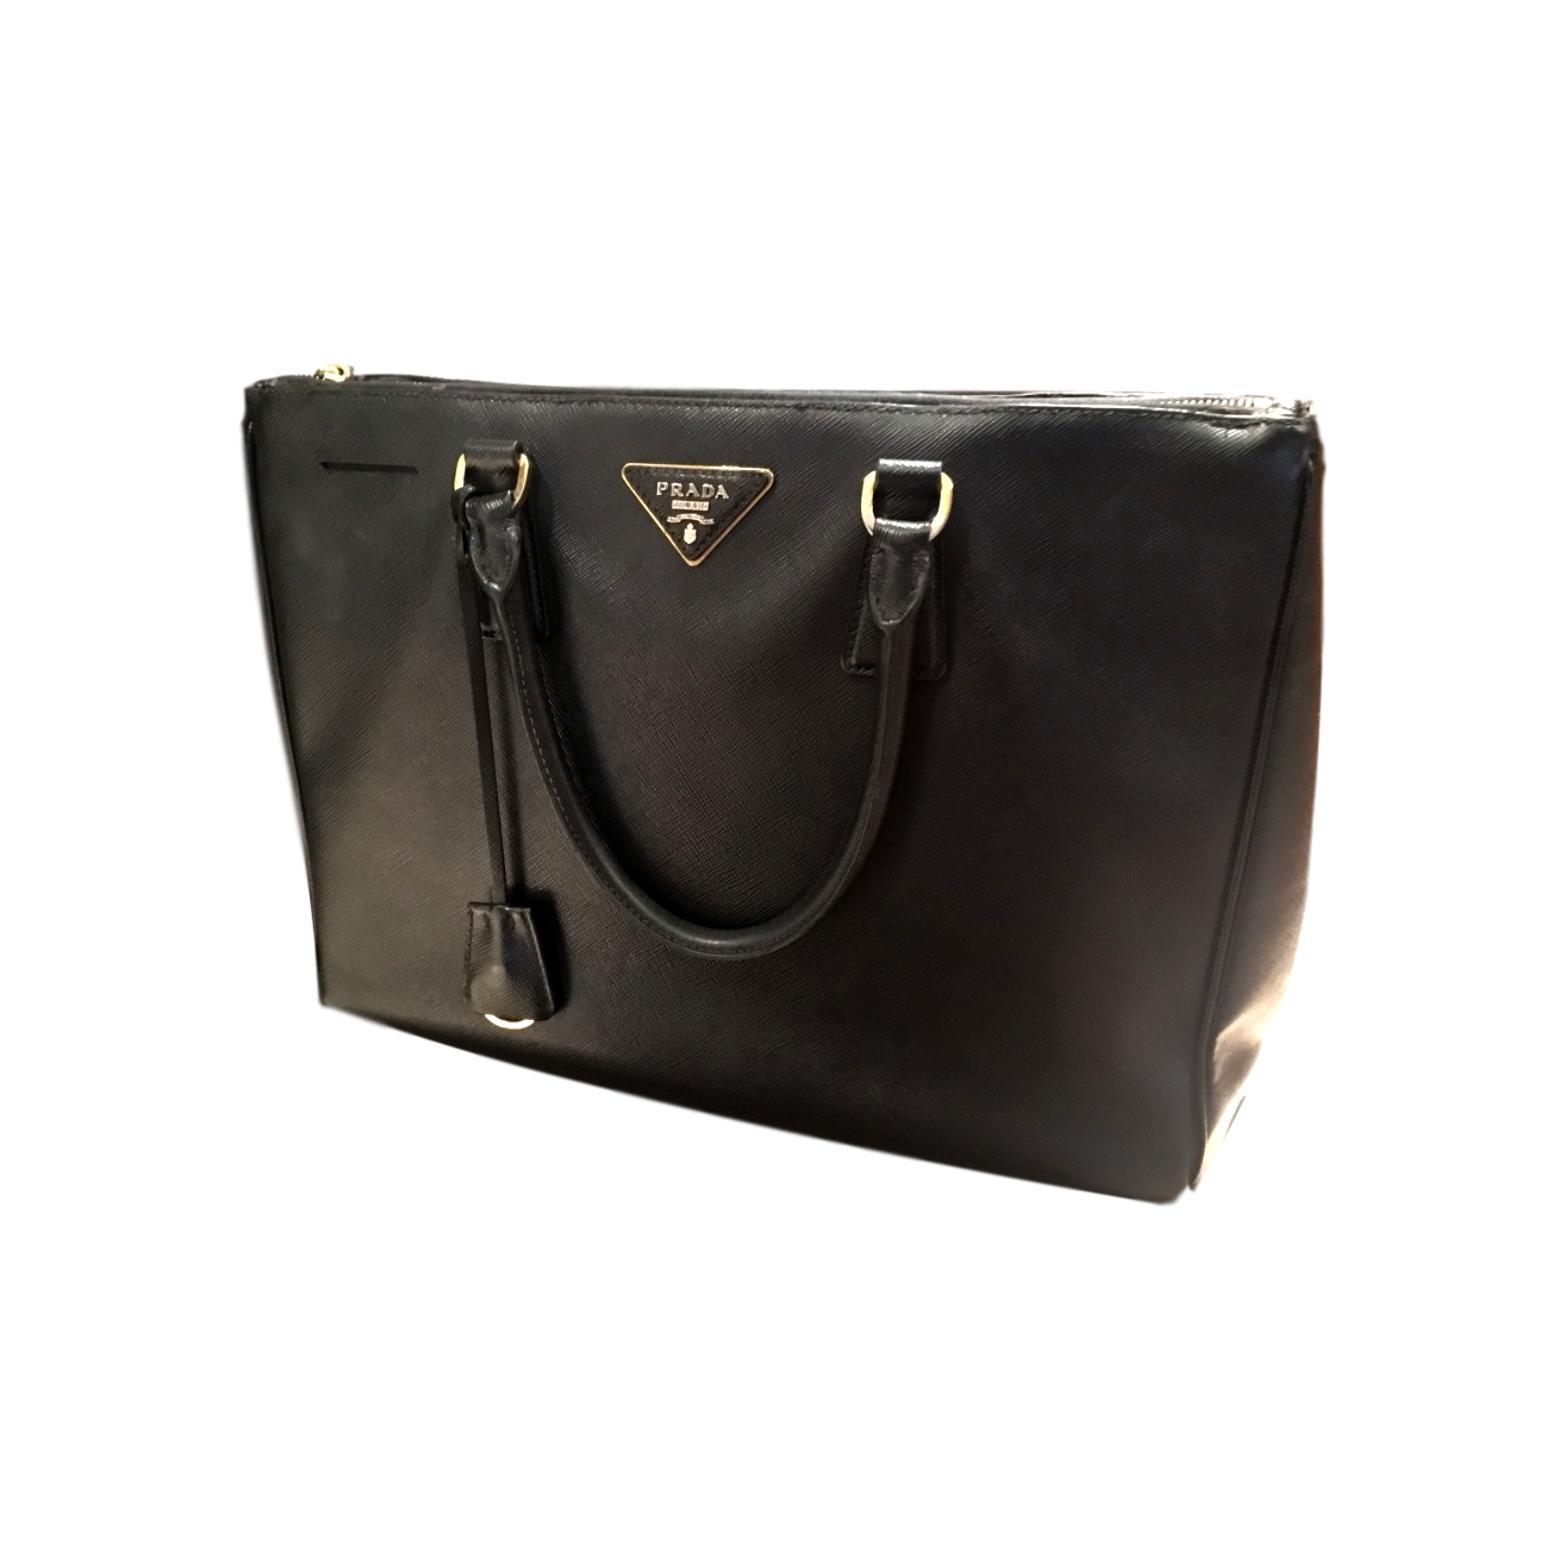 9aec819fdc18 Купить деловую сумку Prada за 30430 руб. в интернет магазине ...